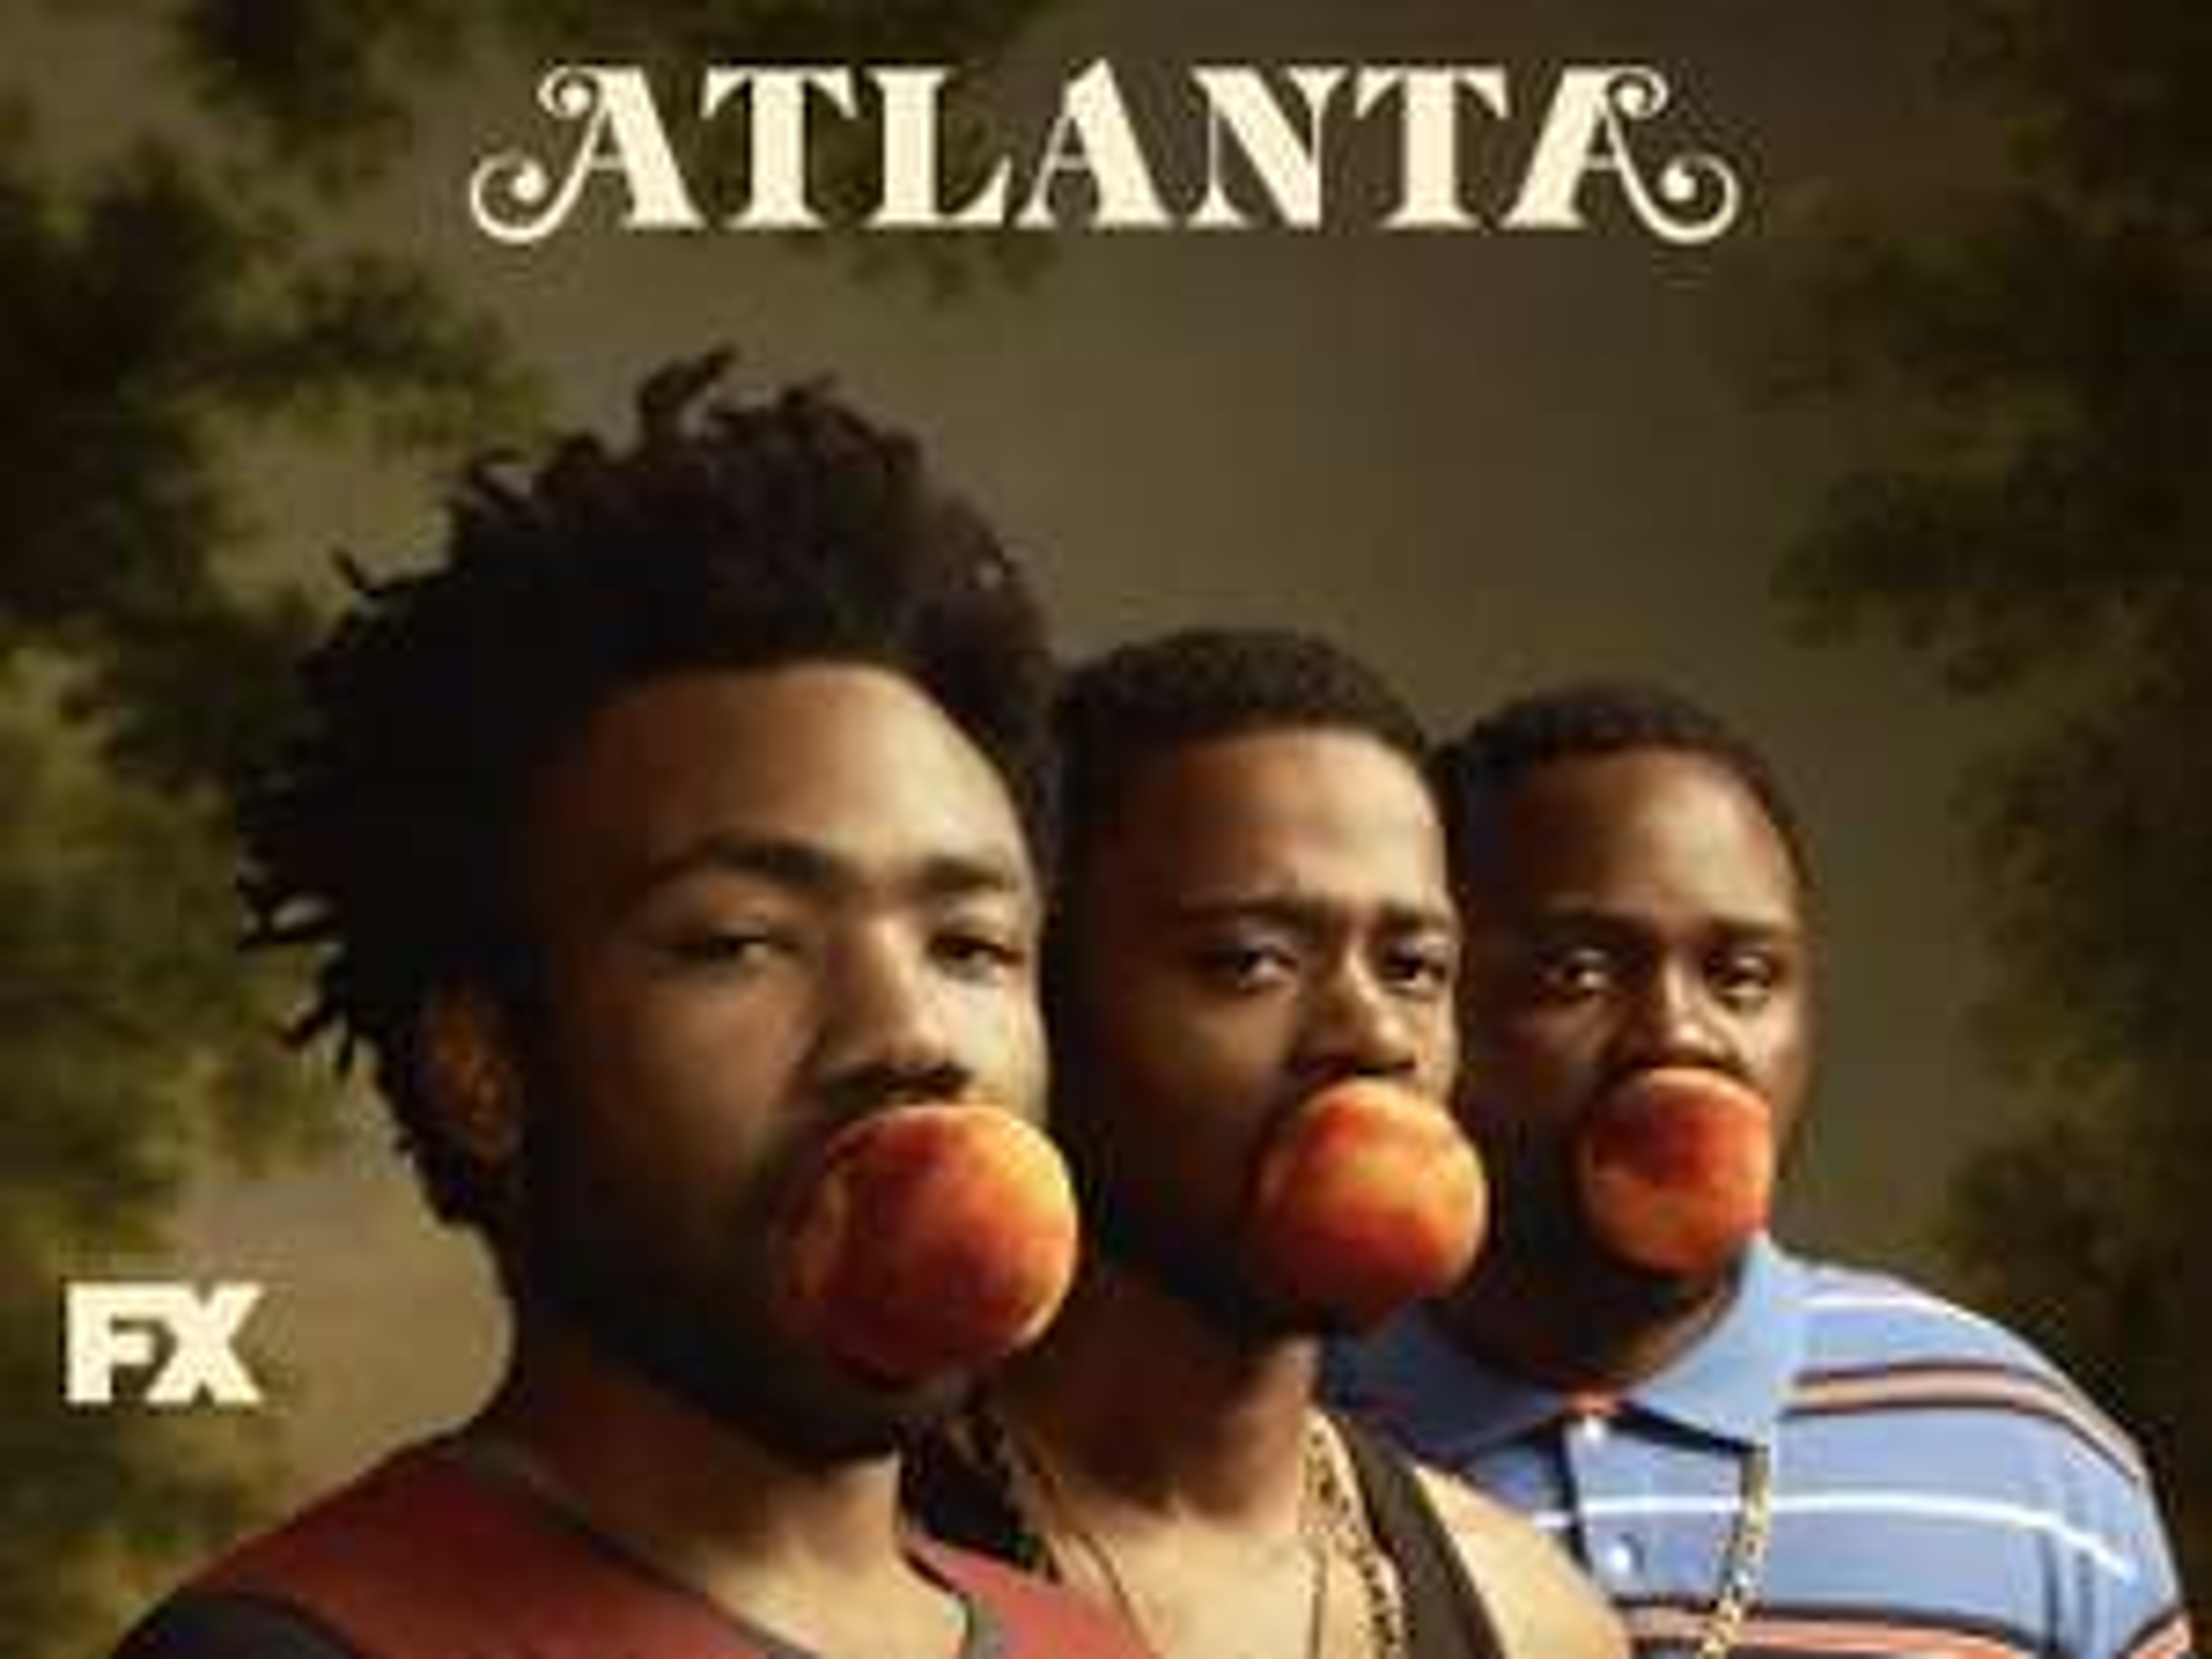 Atlanta Season 1+2 jeweils für 9,98 bei Prime Video